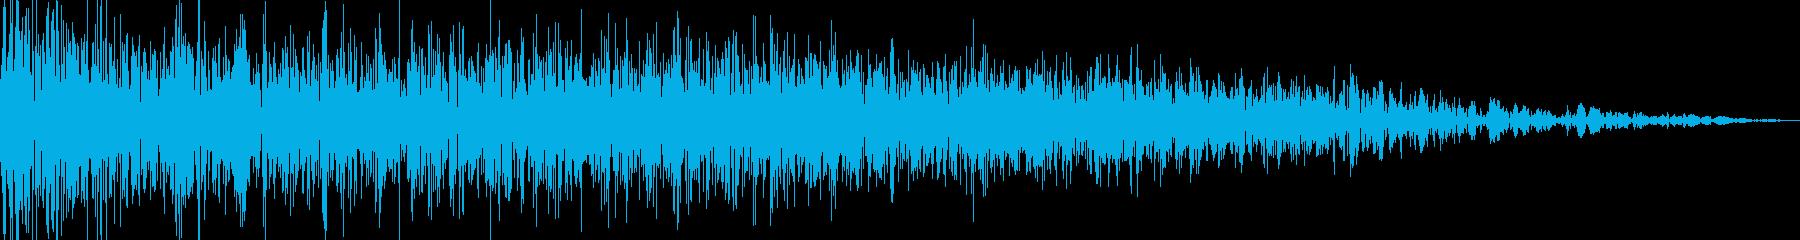 ロボット足音 タイプ12の再生済みの波形